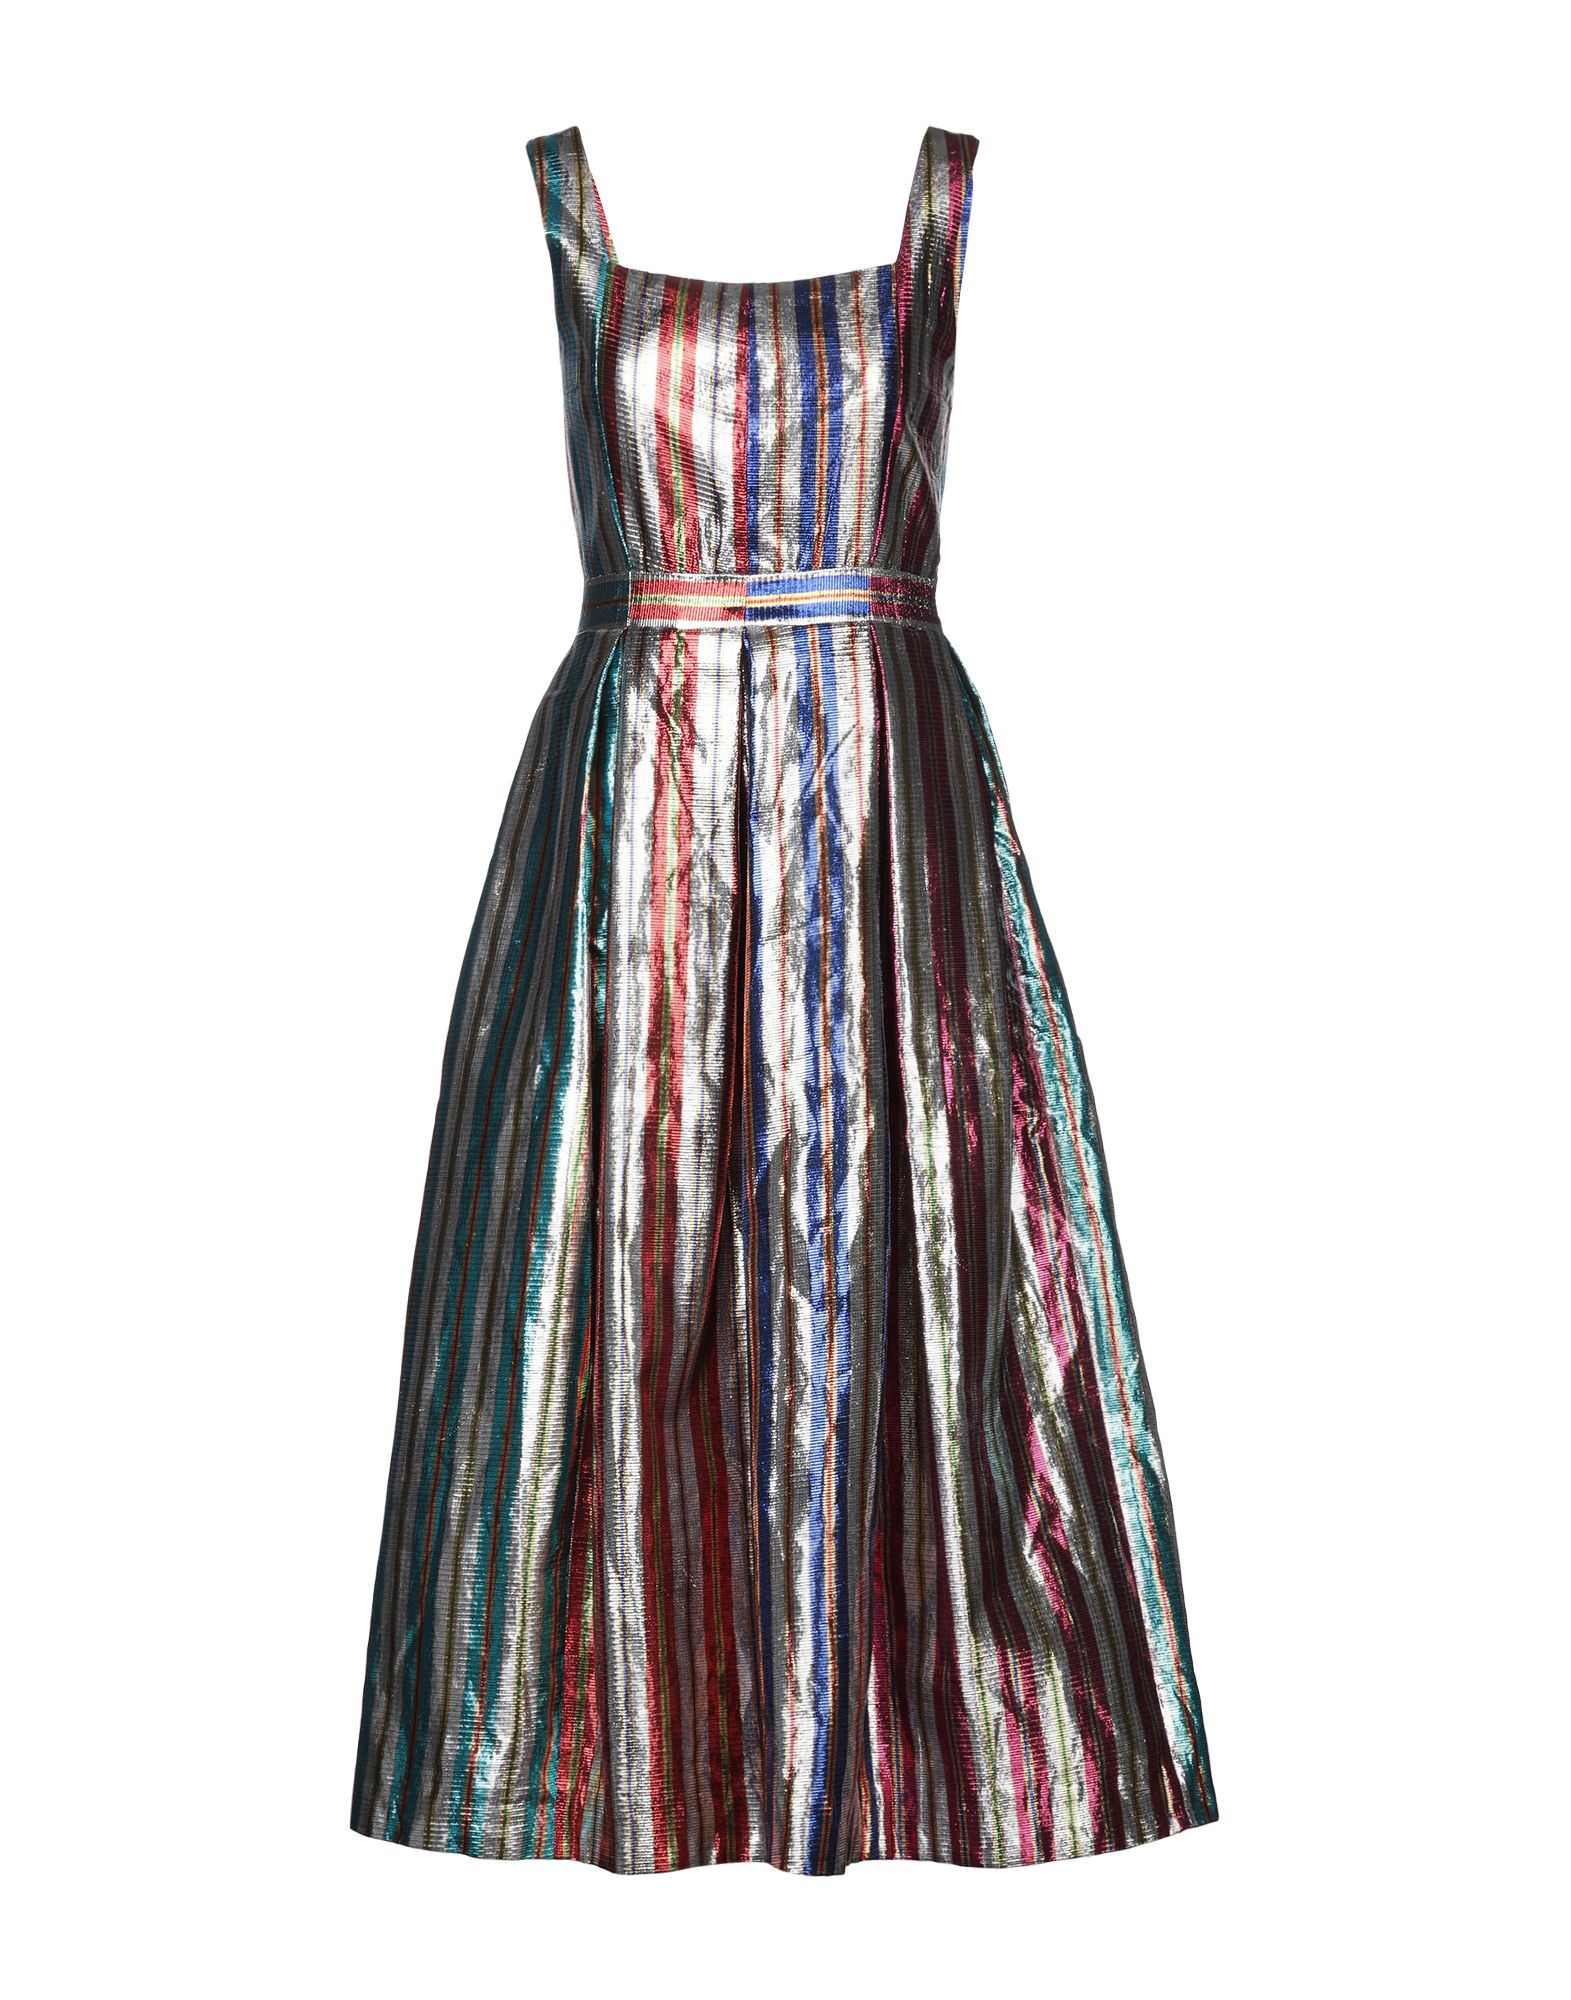 SADIE WILLIAMS Платье длиной 3/4